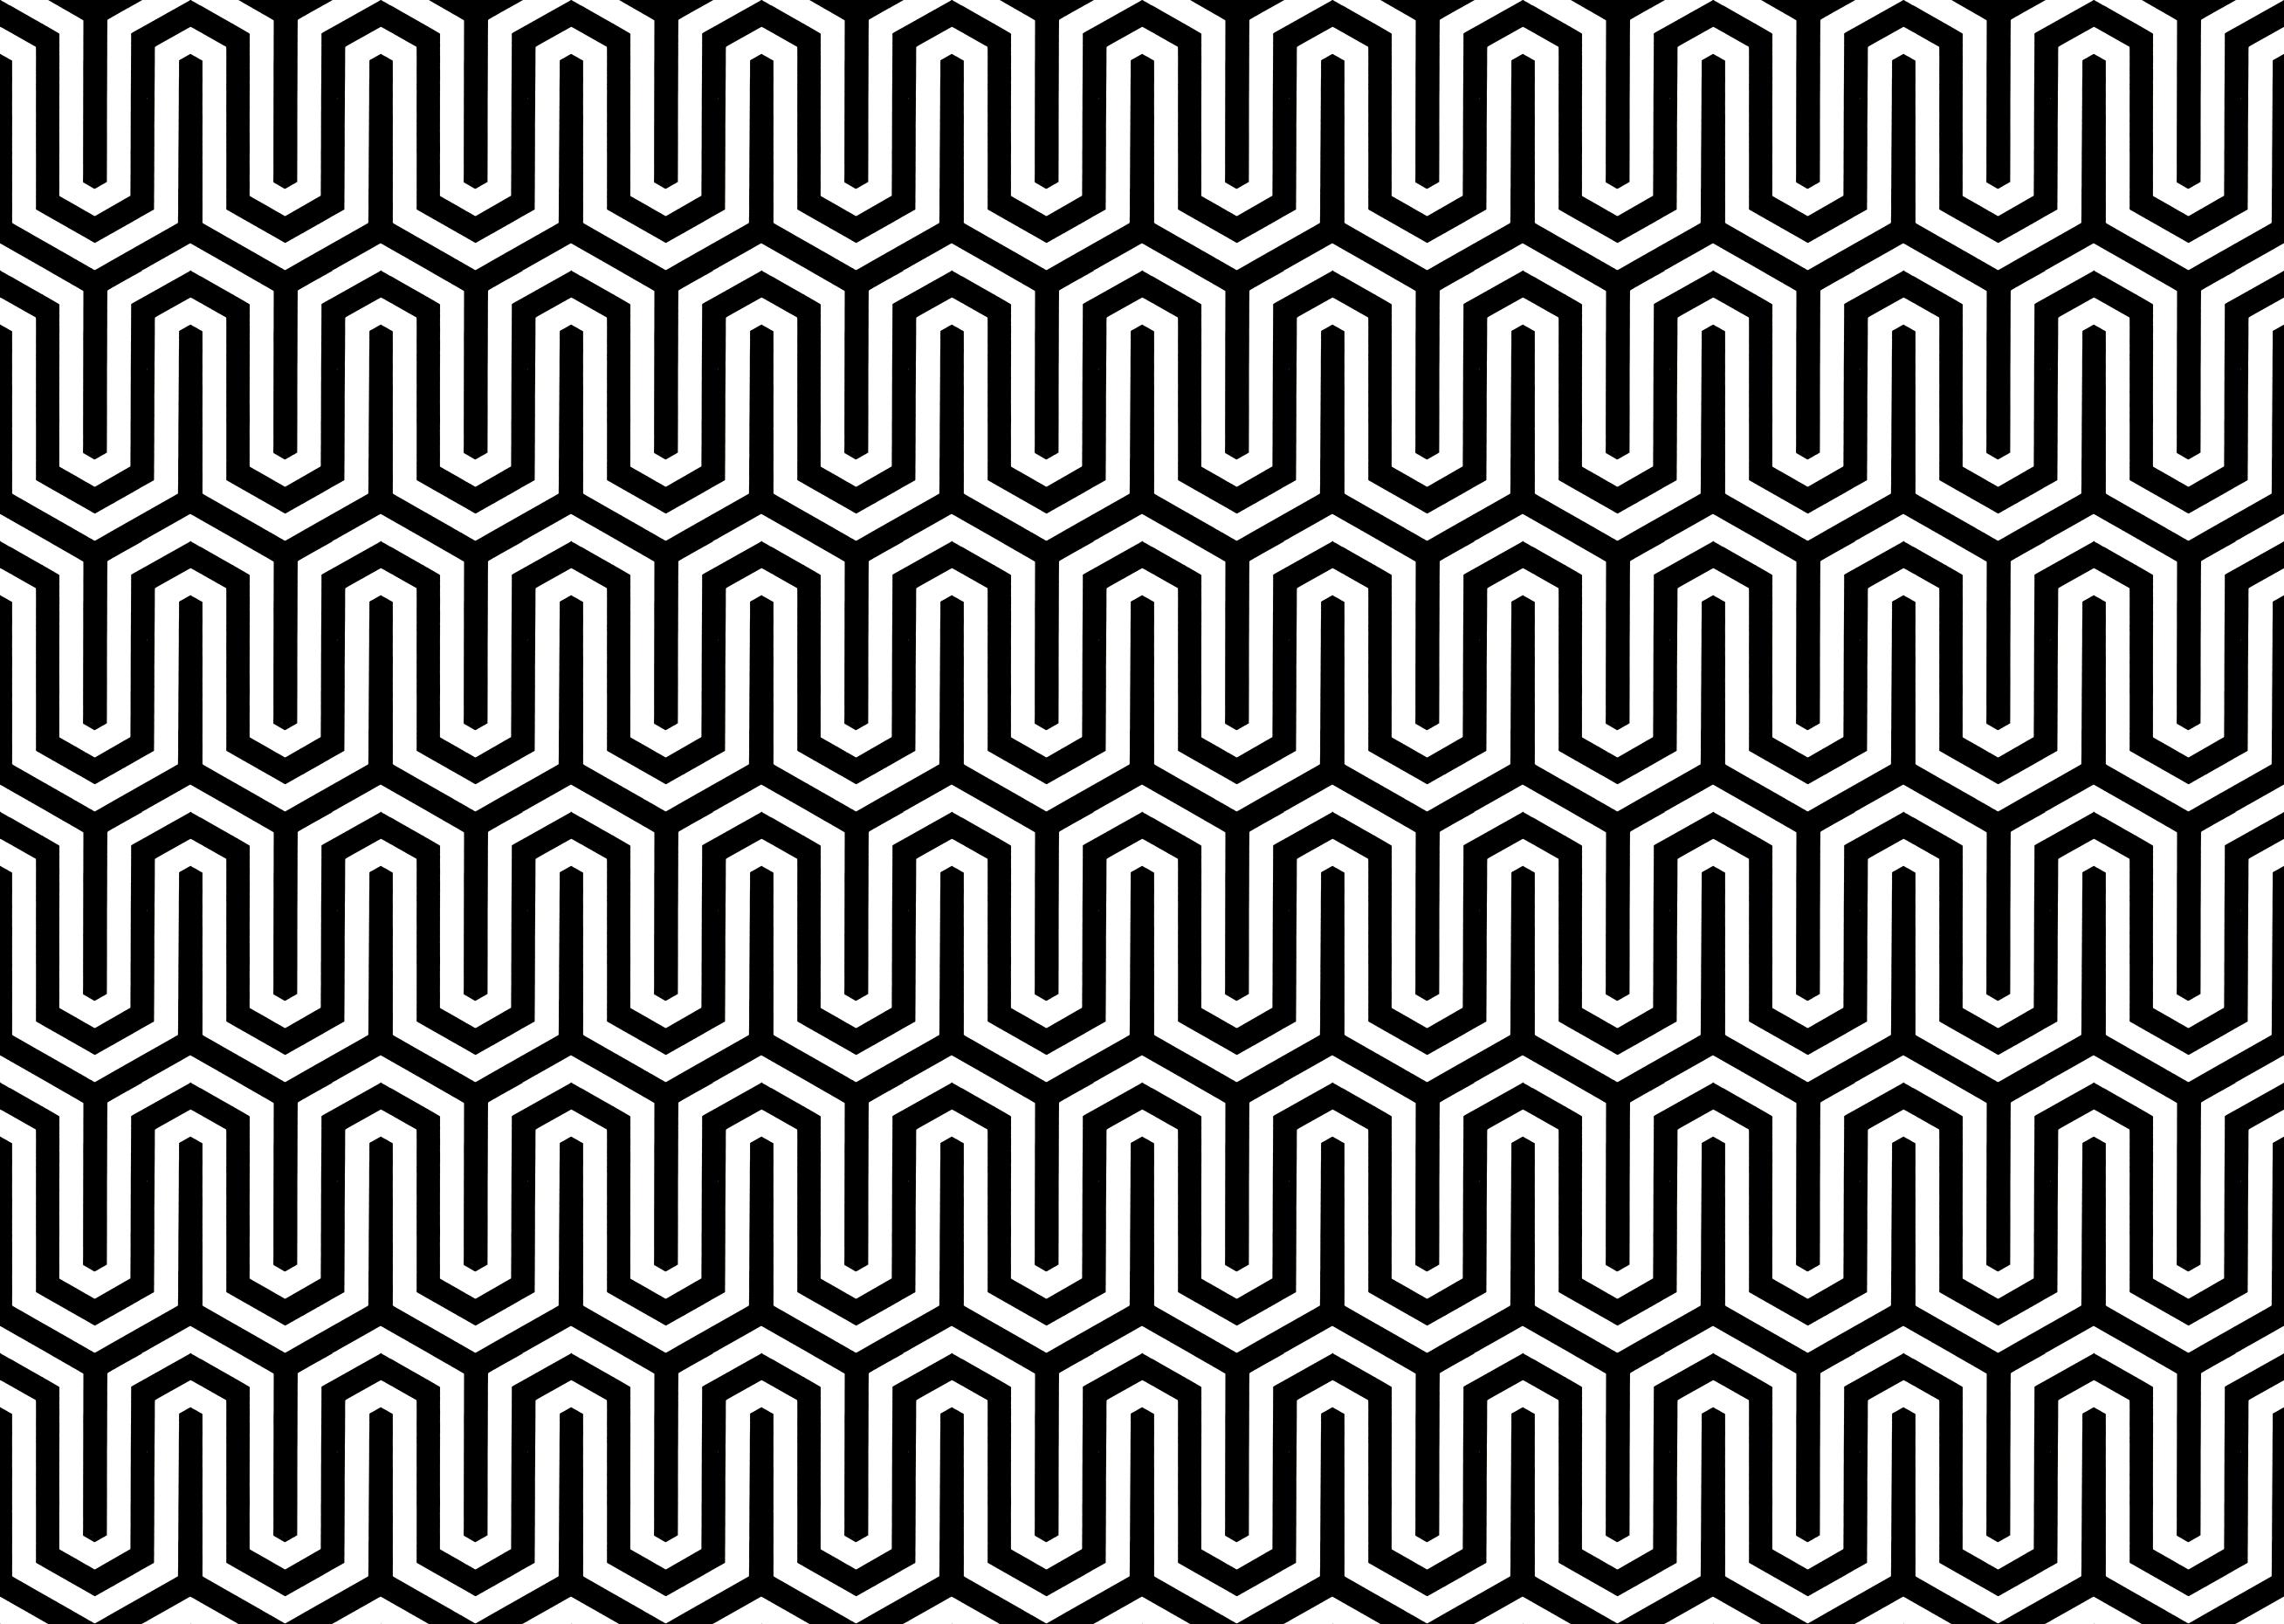 Index of /phong/world patterns/egypt-V1